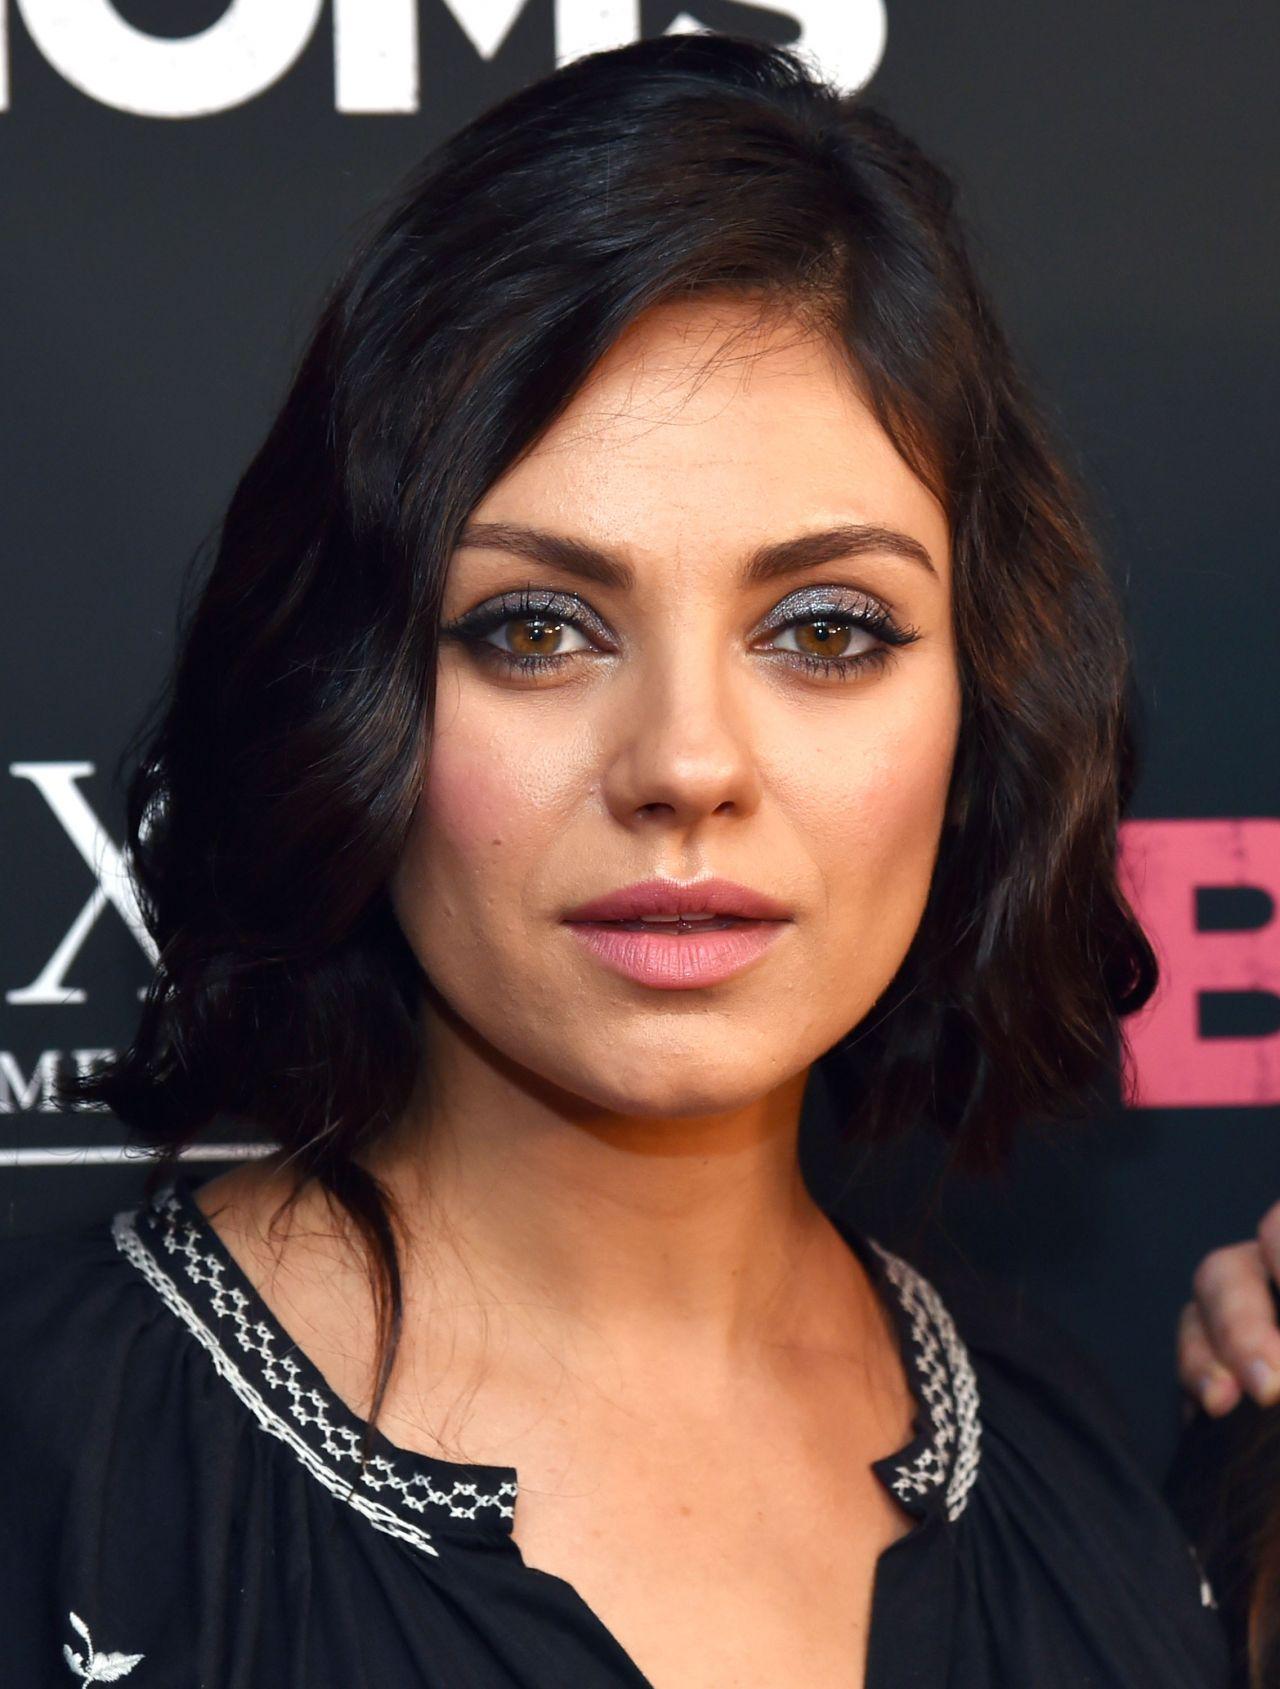 Mila Kunis Bad Moms Premiere In New York 7 18 2016